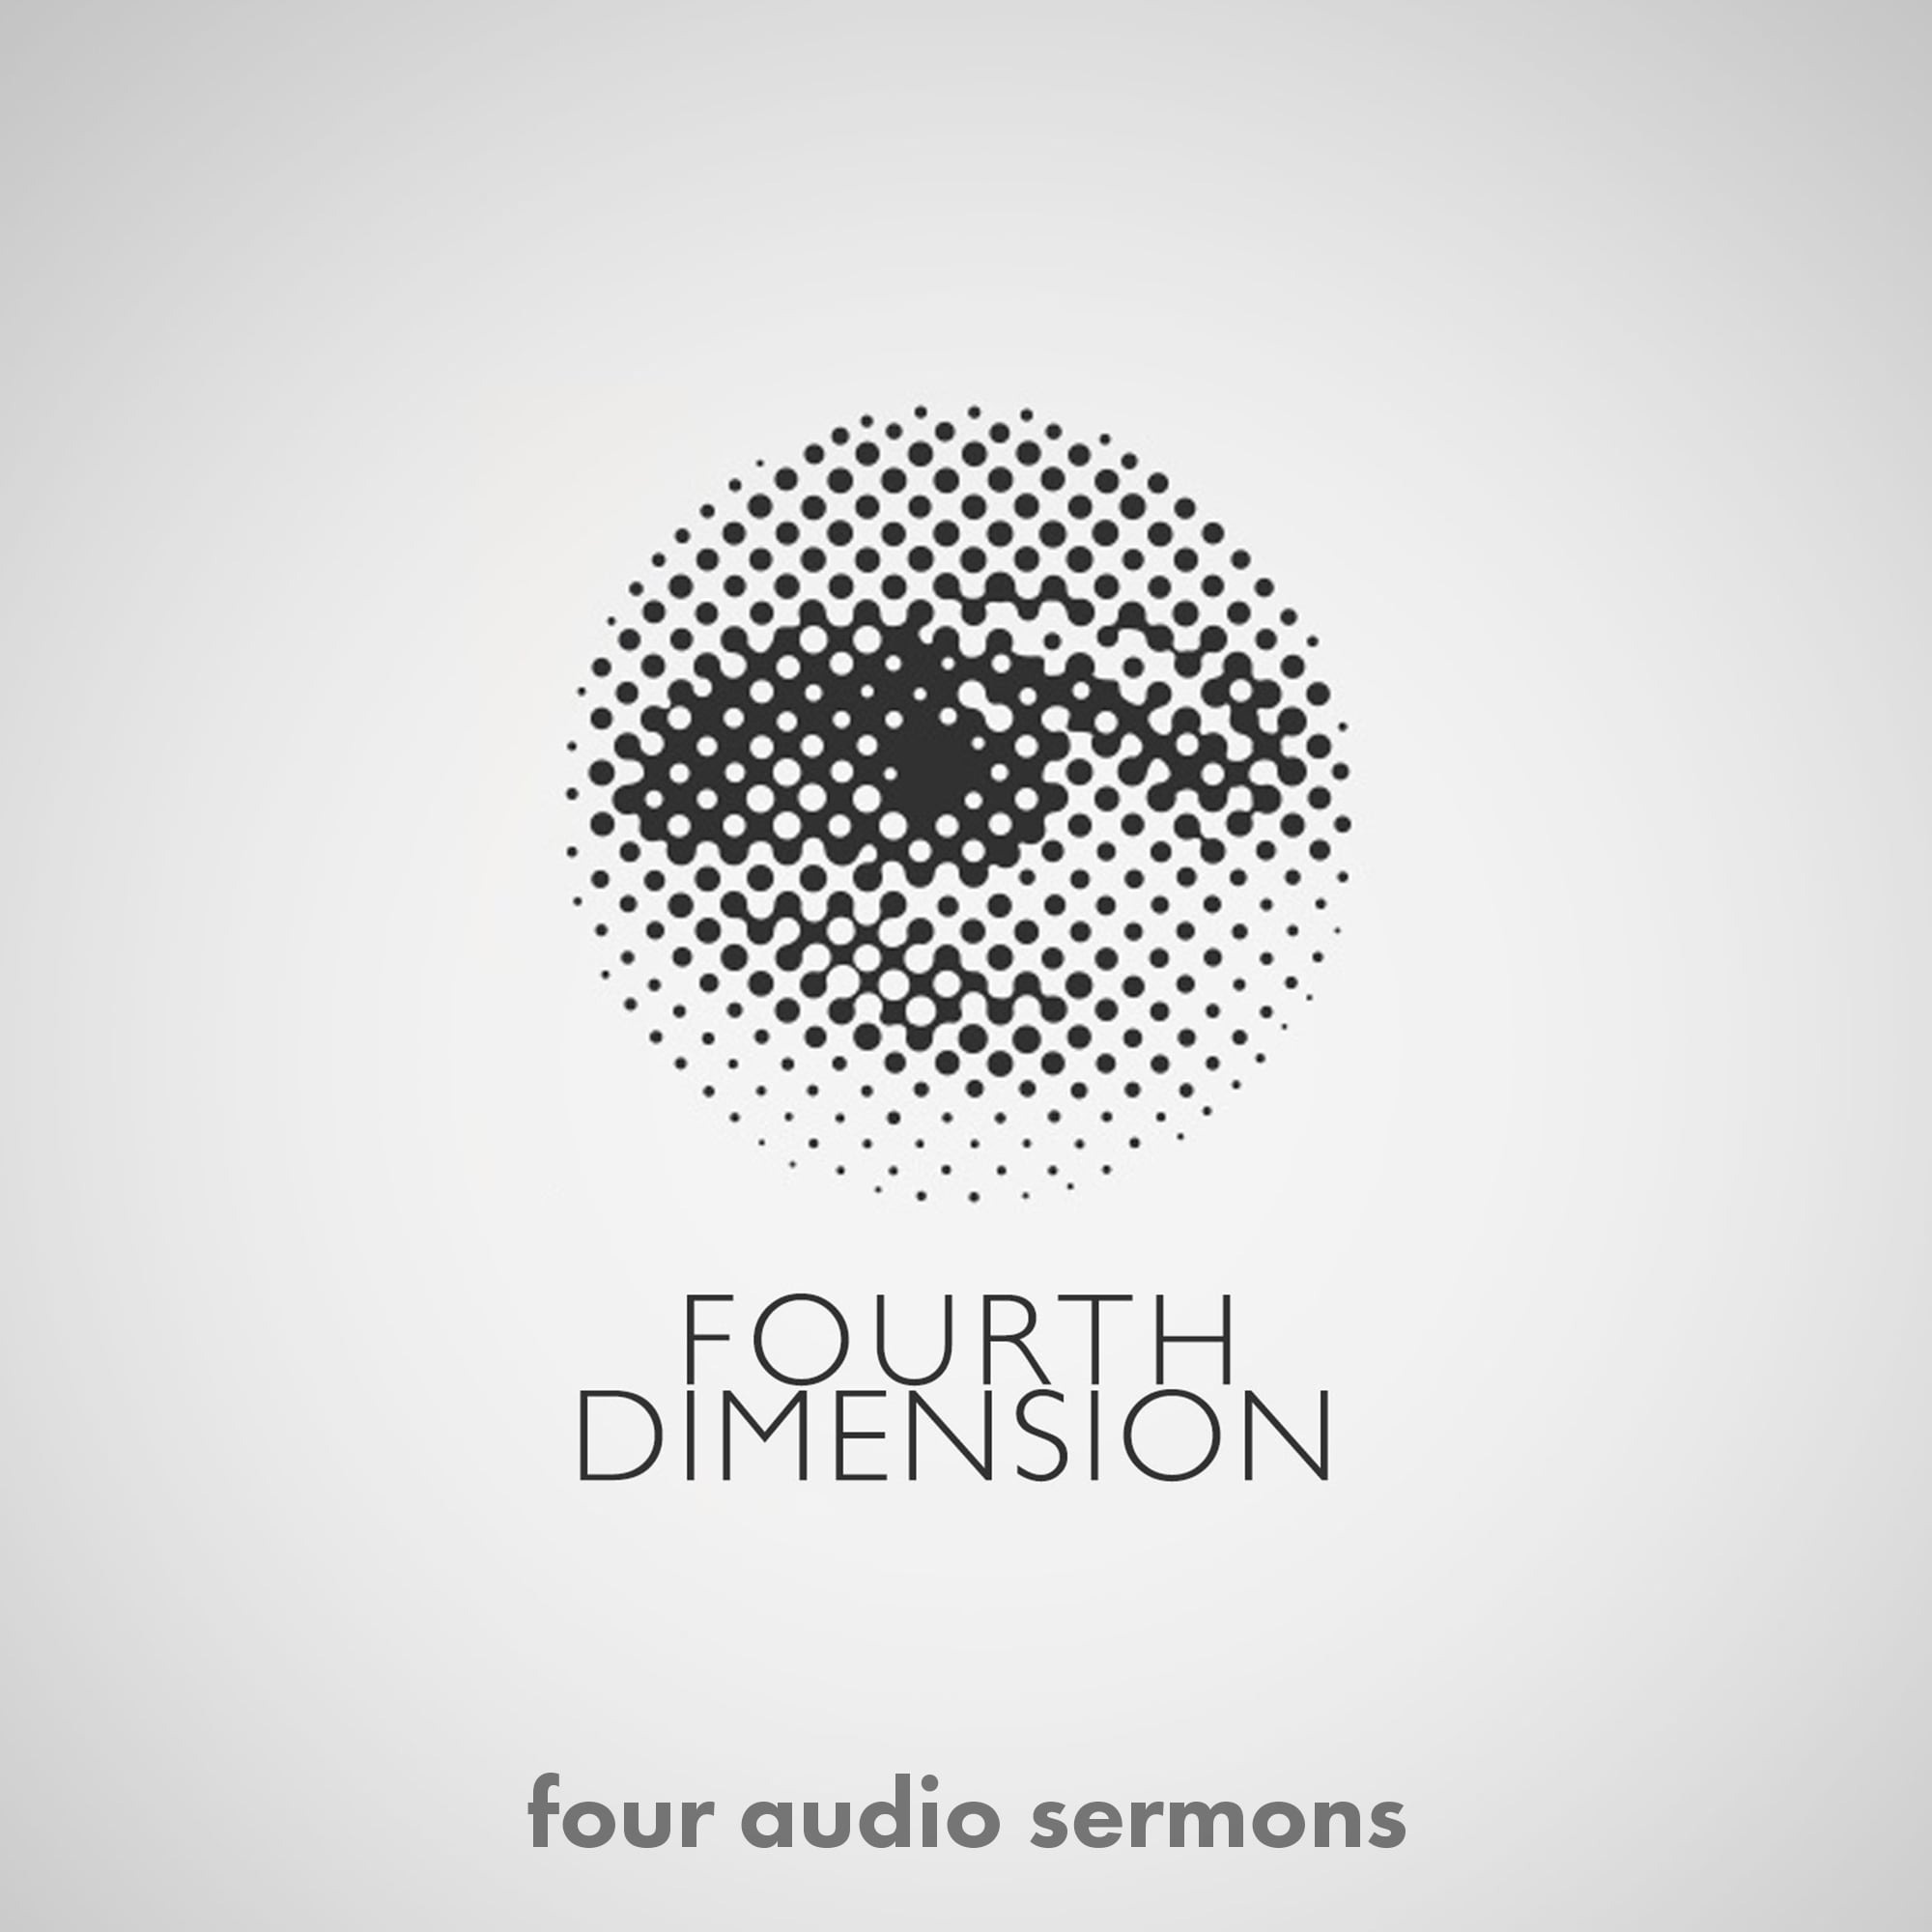 Series: Fourth Dimension